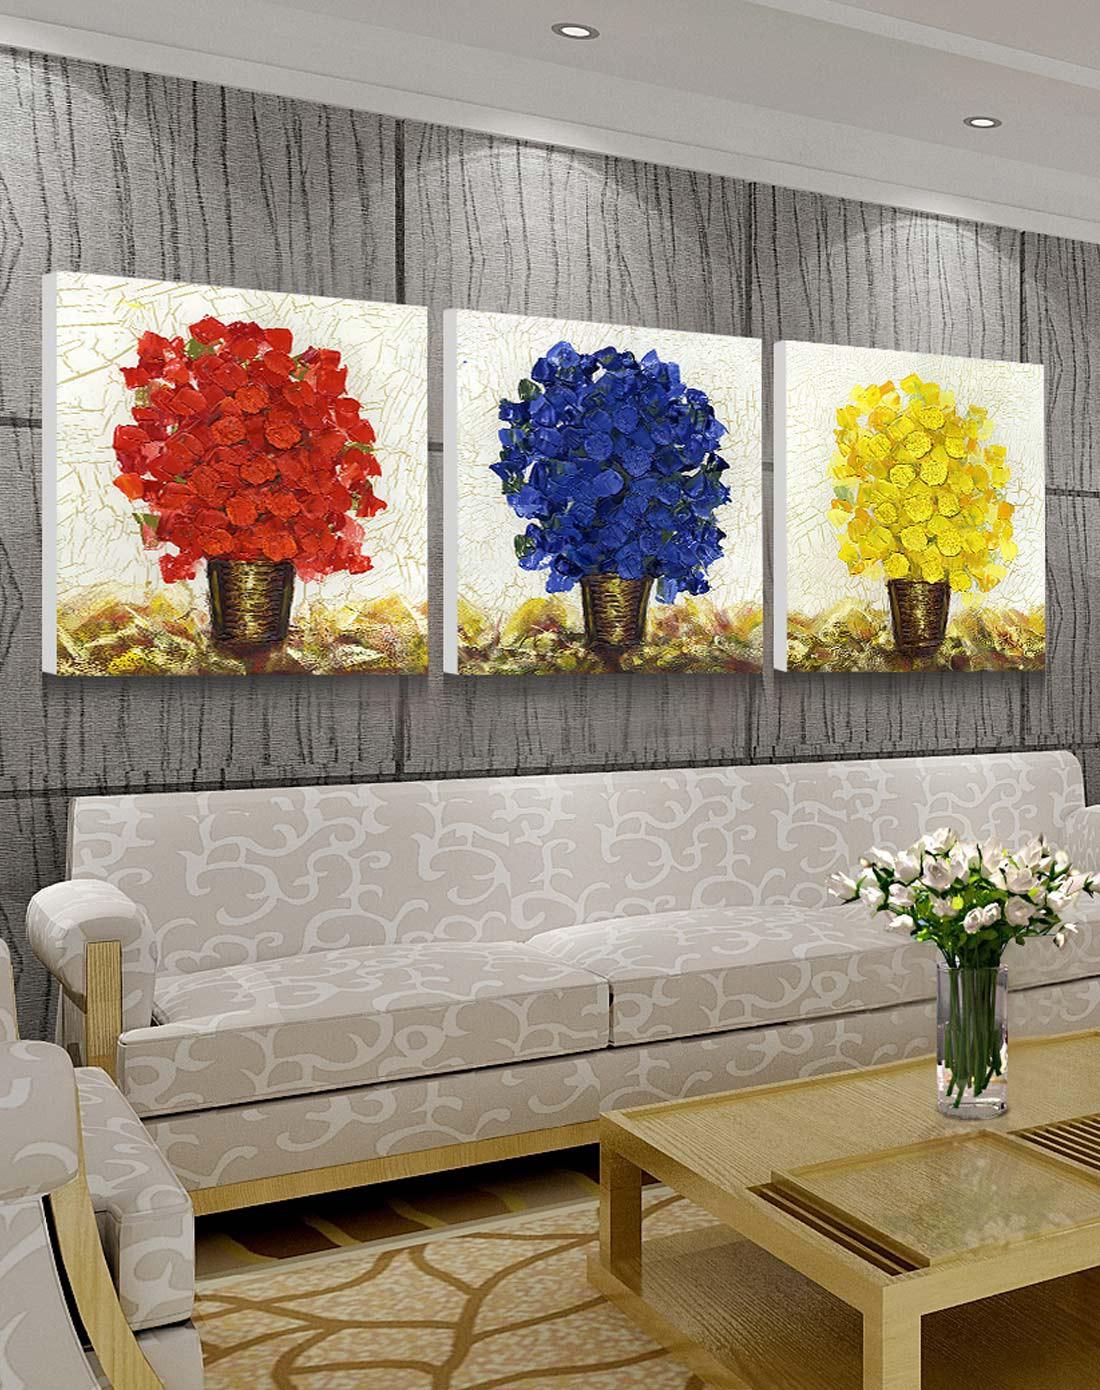 柠檬树家居装饰专场高档百搭装饰画三联组合 幸福树wp